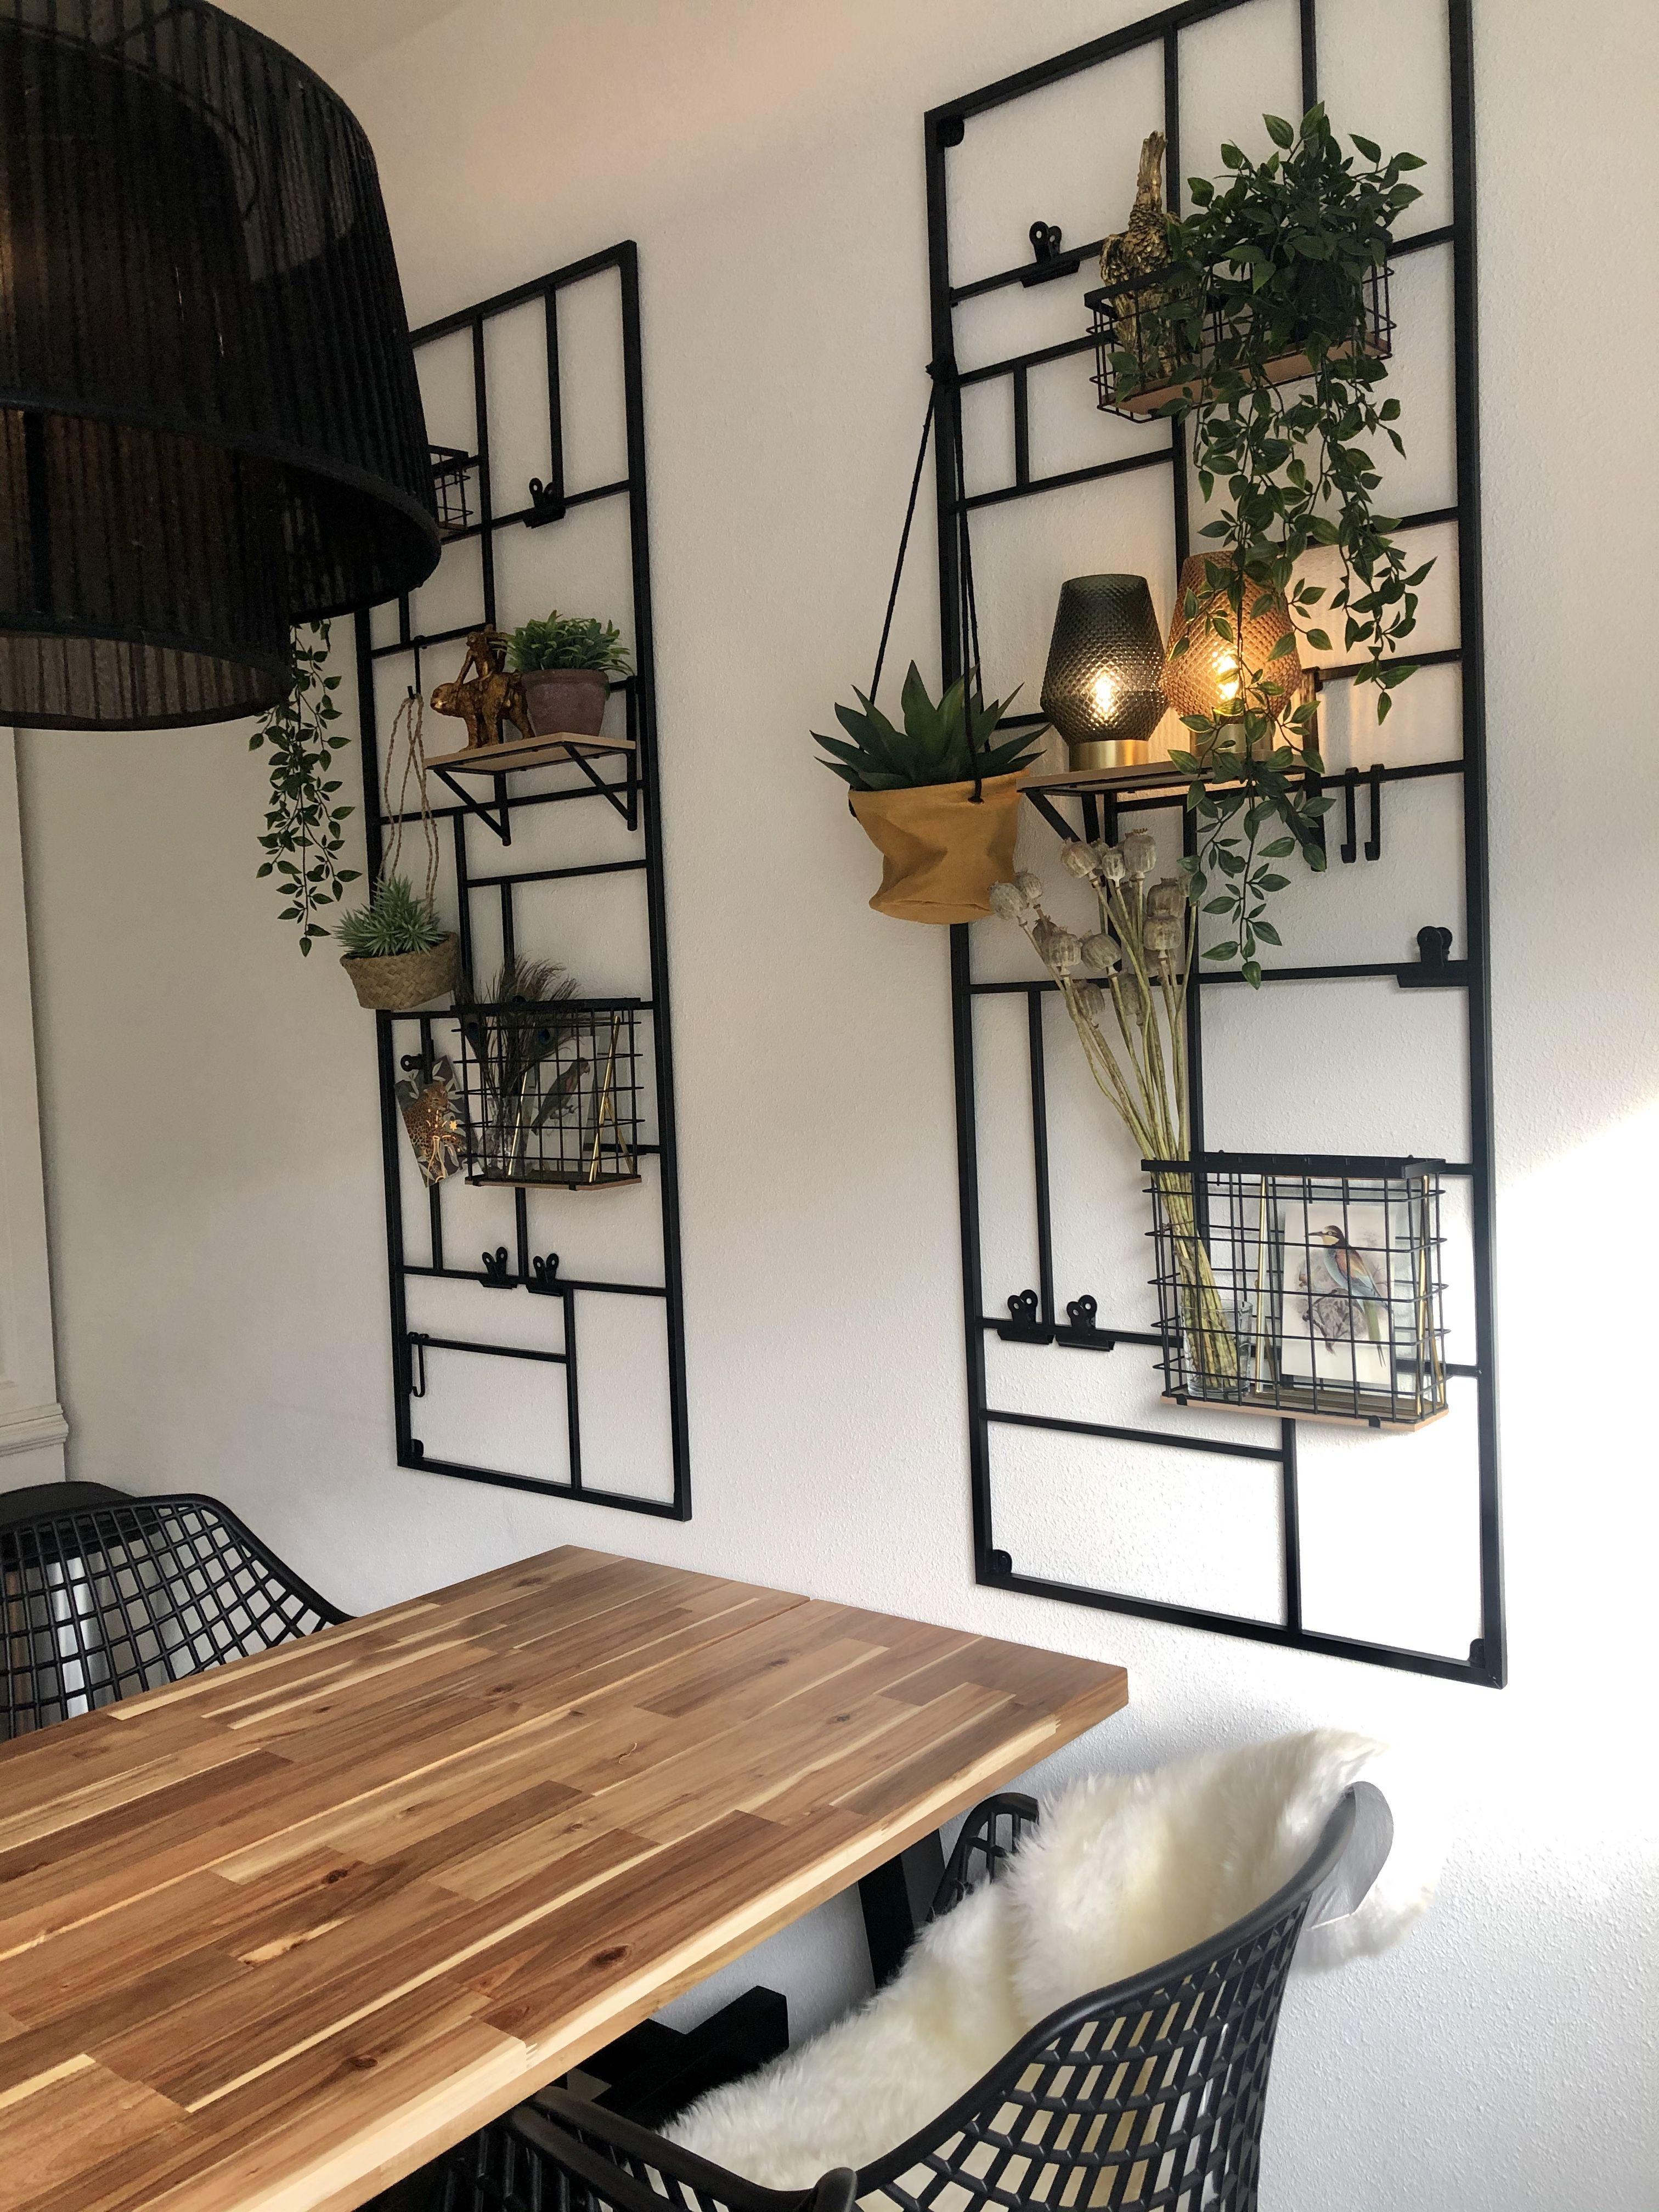 Skogsta Tafel Acacia Ikea In 2021 Huis Interieur Huis Inrichting Inspiratie Interieur Woonkamer